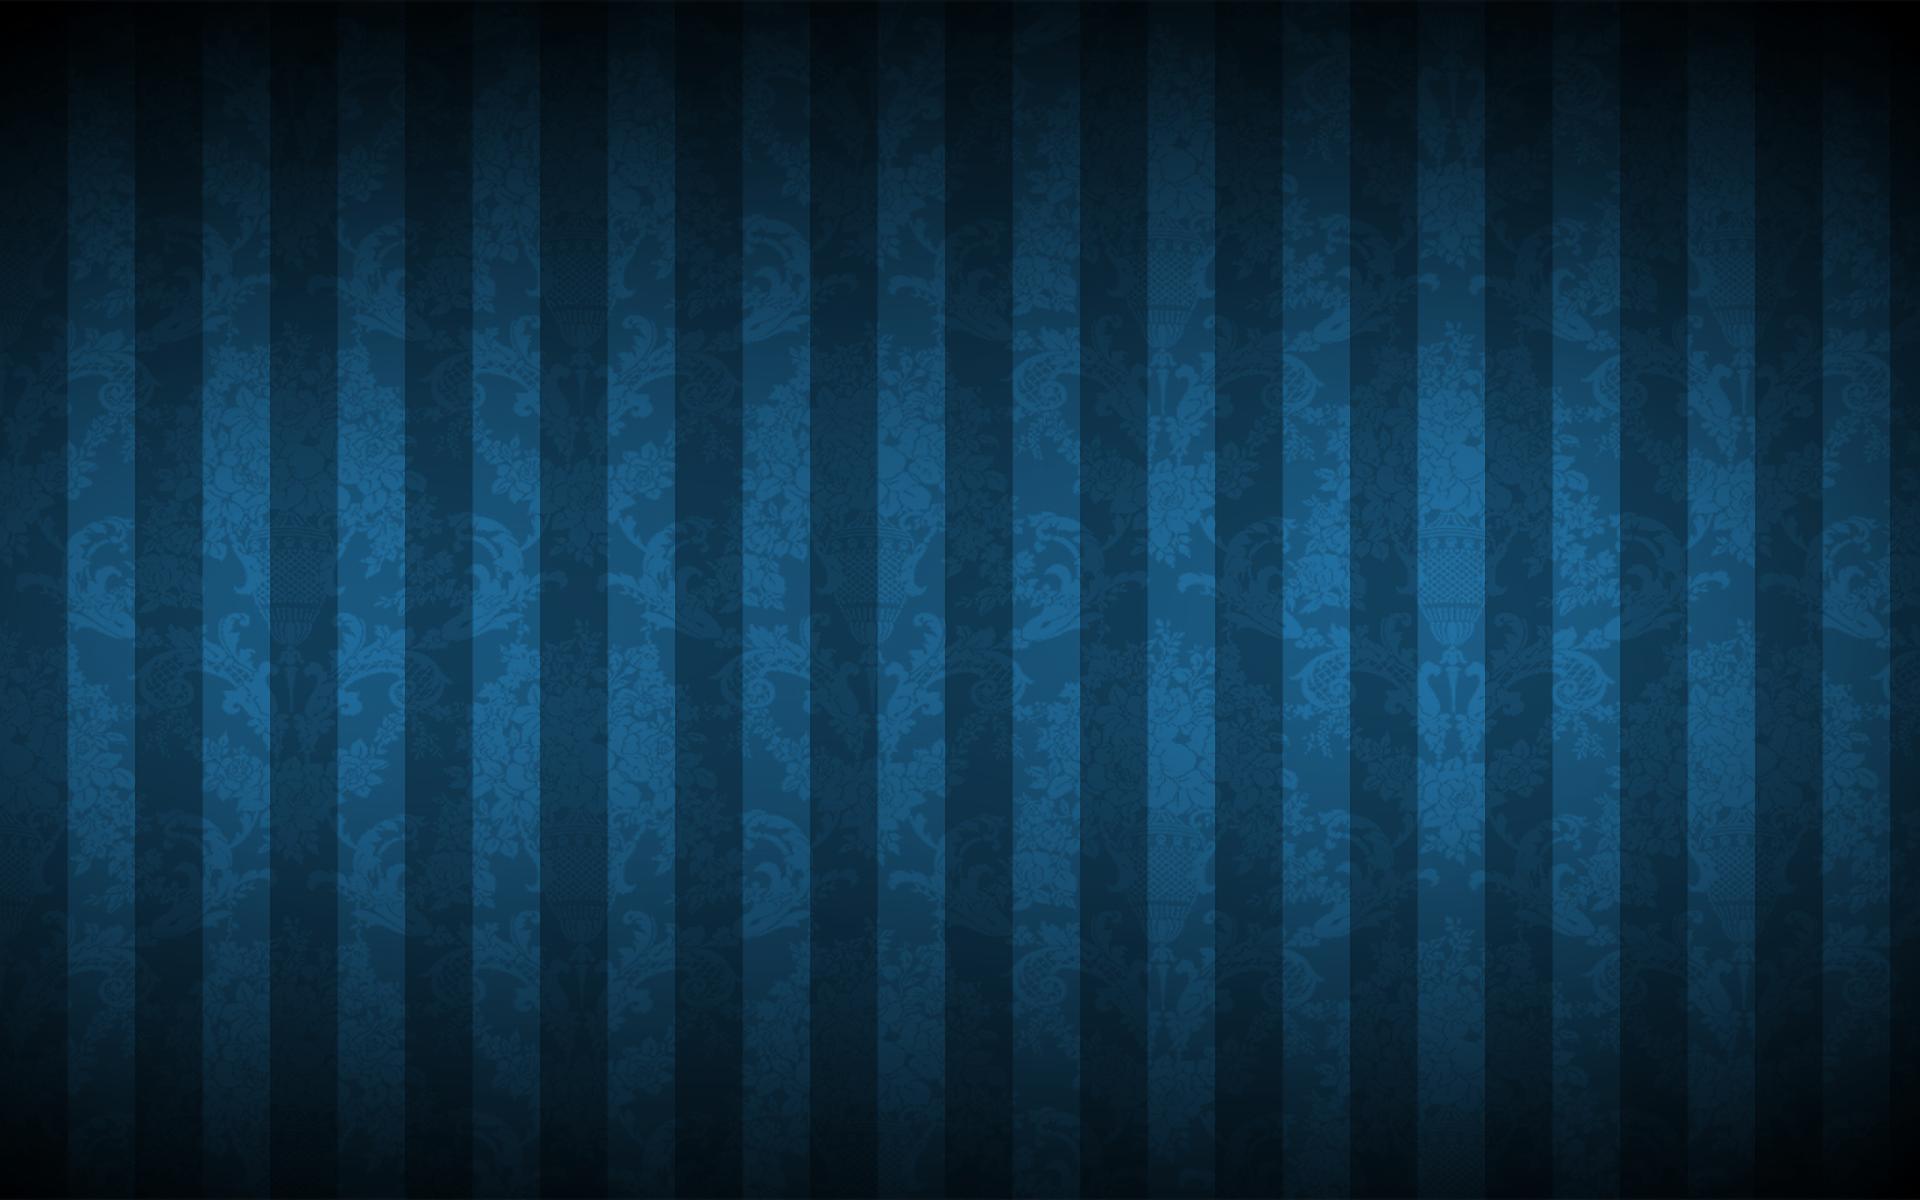 Abstracto - Stripes  Azul Patrón Abstracto Arte digital Fondo de Pantalla